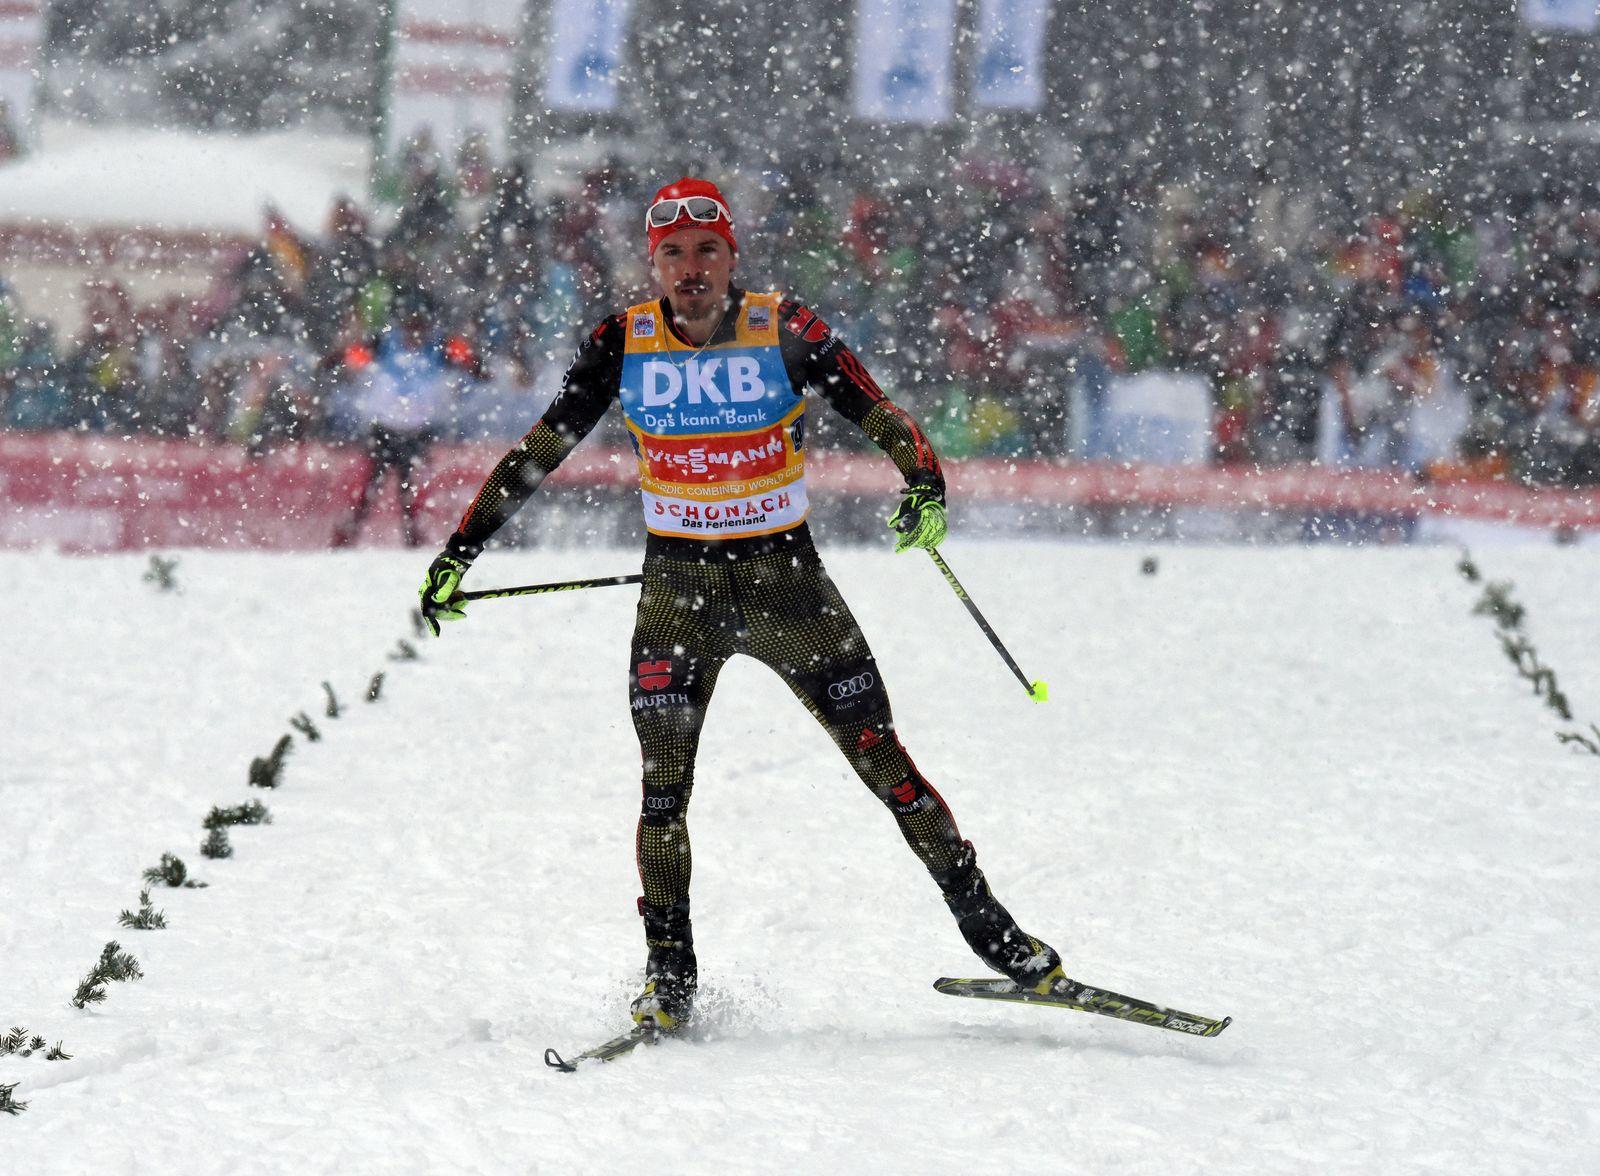 Weltcup Nordische Kombination in Schonach